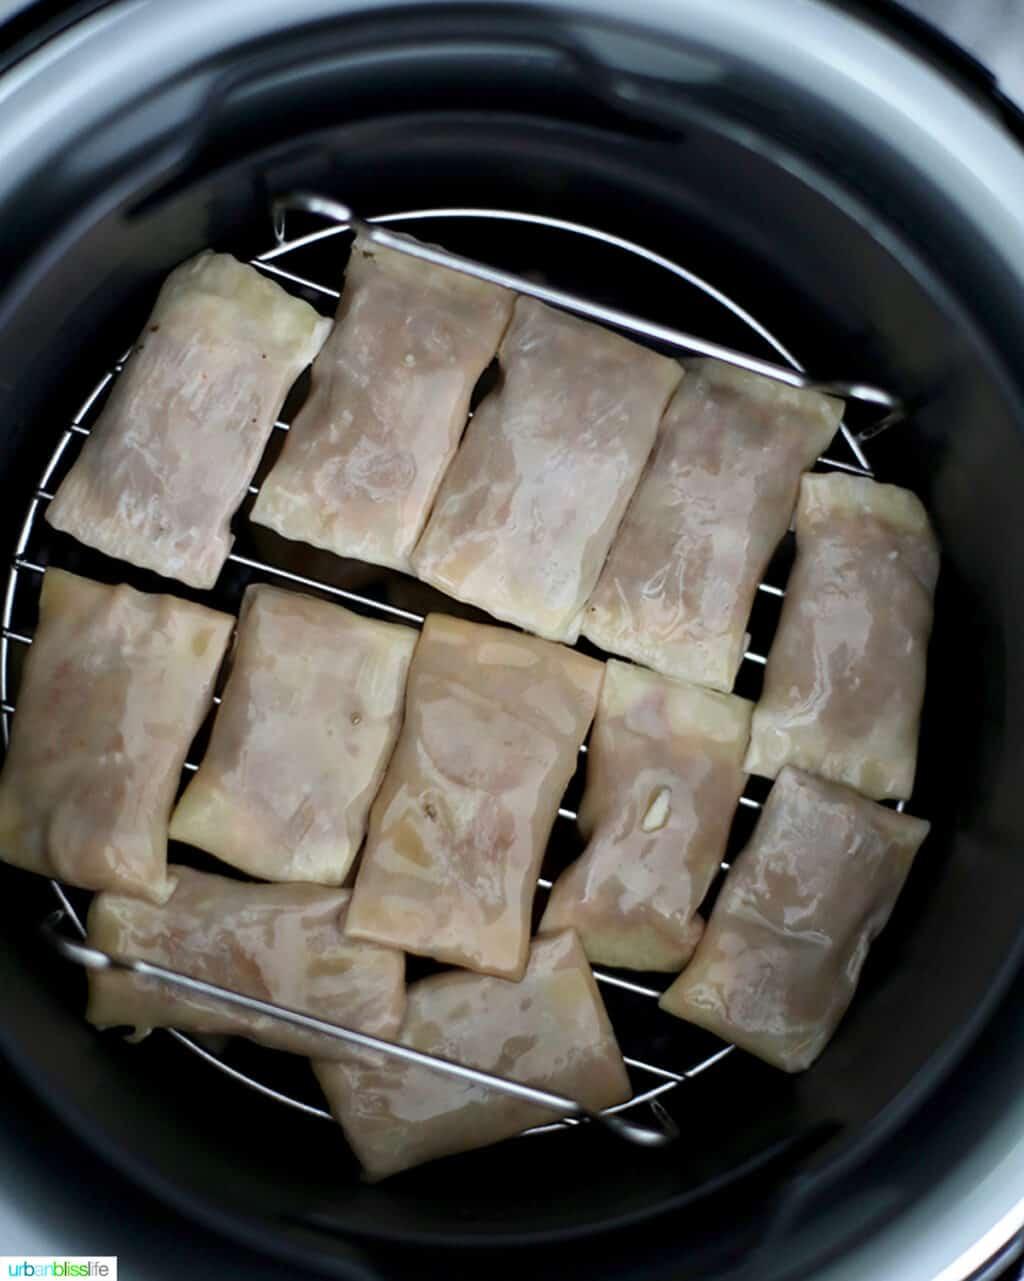 pizza rolls inside an air fryer